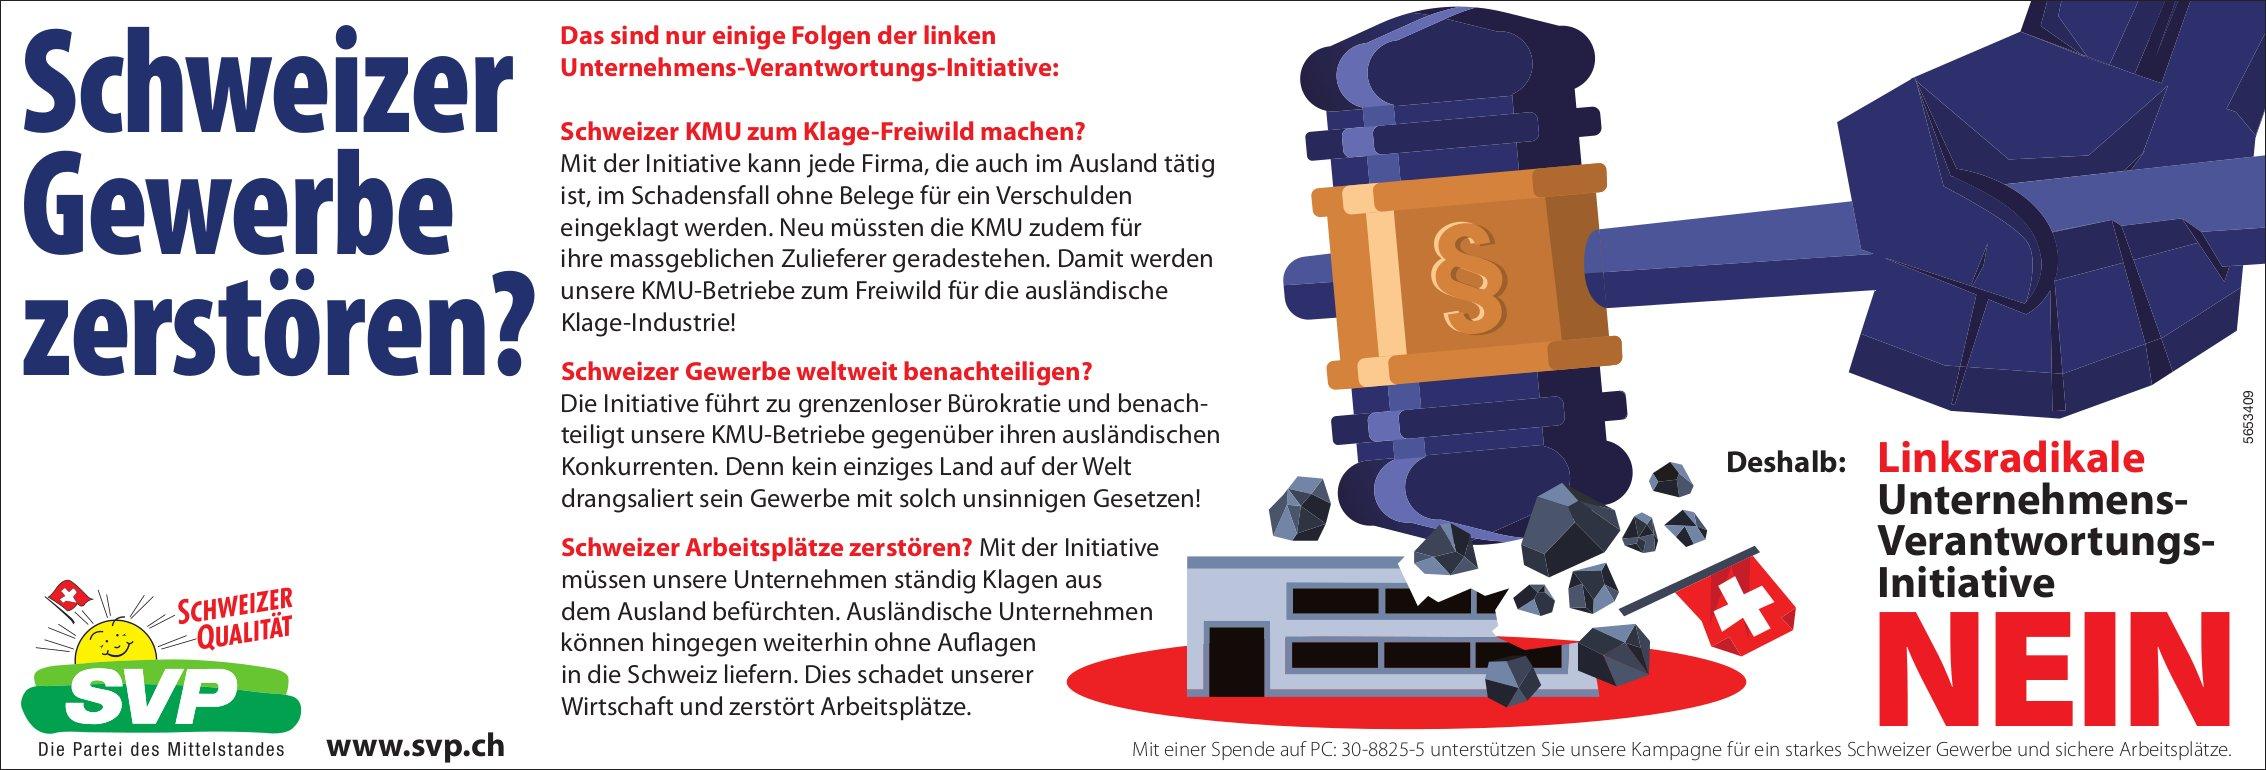 SVP - Linksradikale Unternehmens-Verantwortungs-Initiative Nein